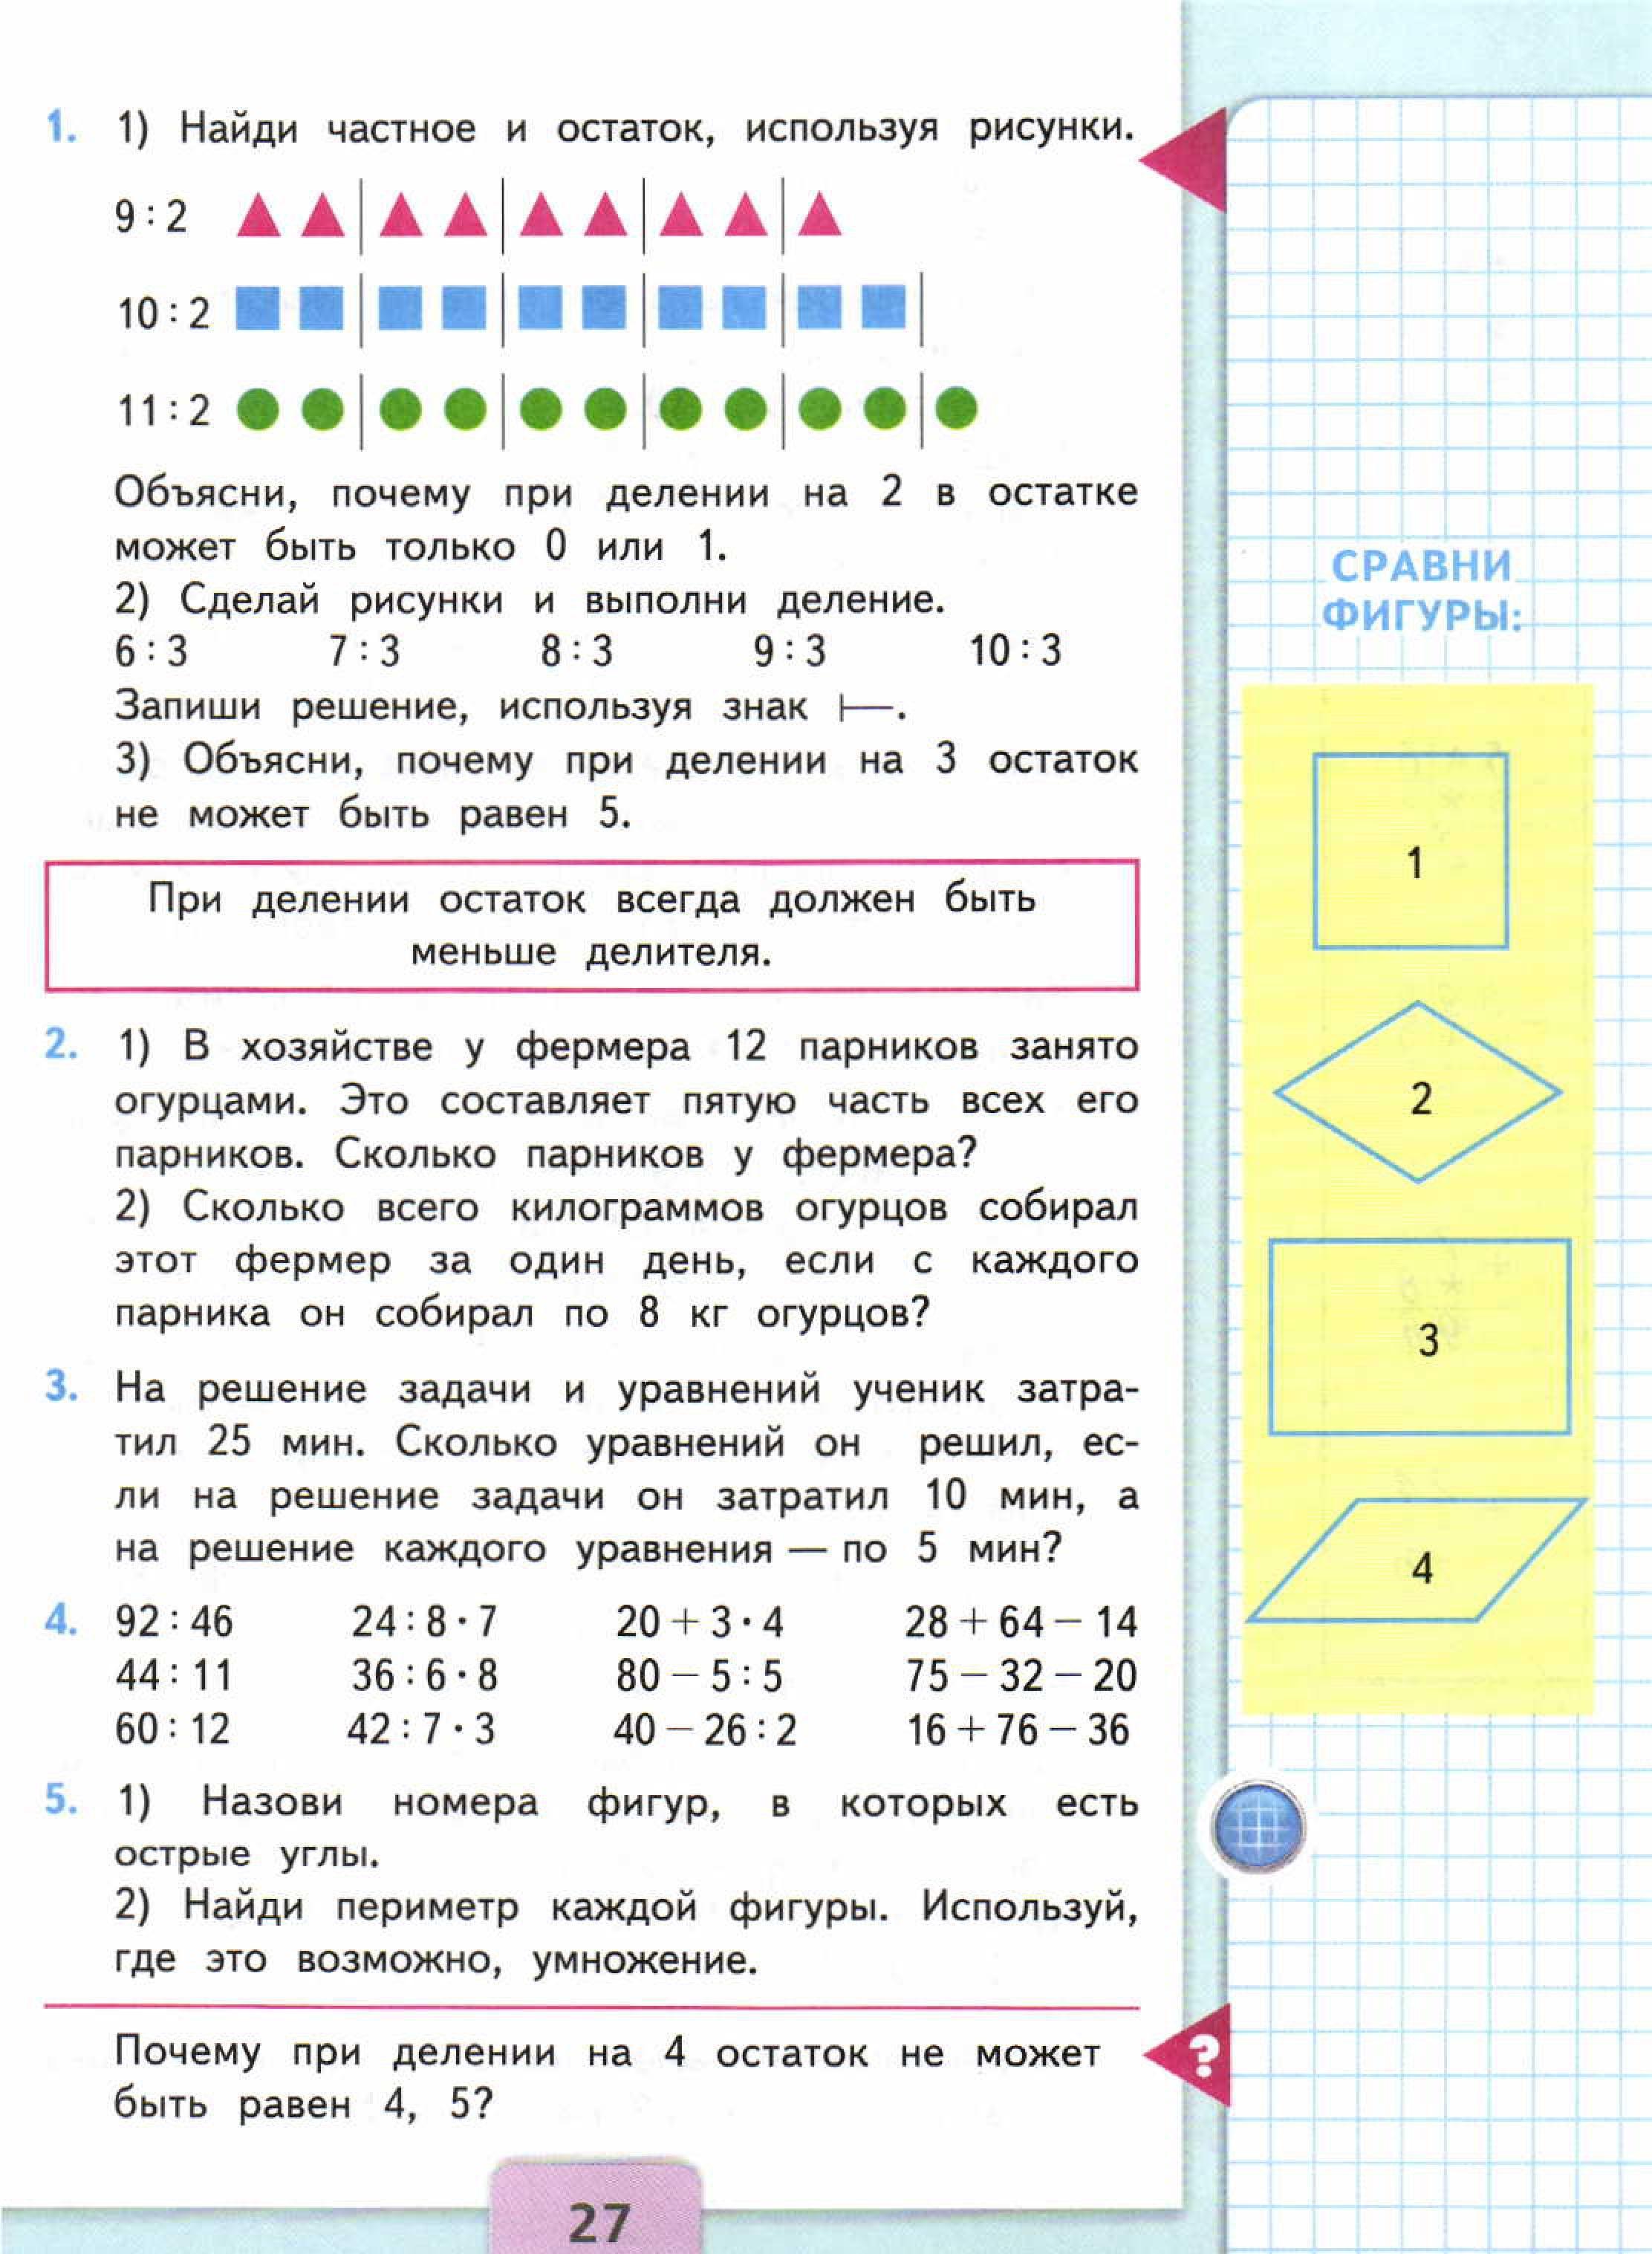 Английский 3 класс плахотник ответы на задание 6 страница